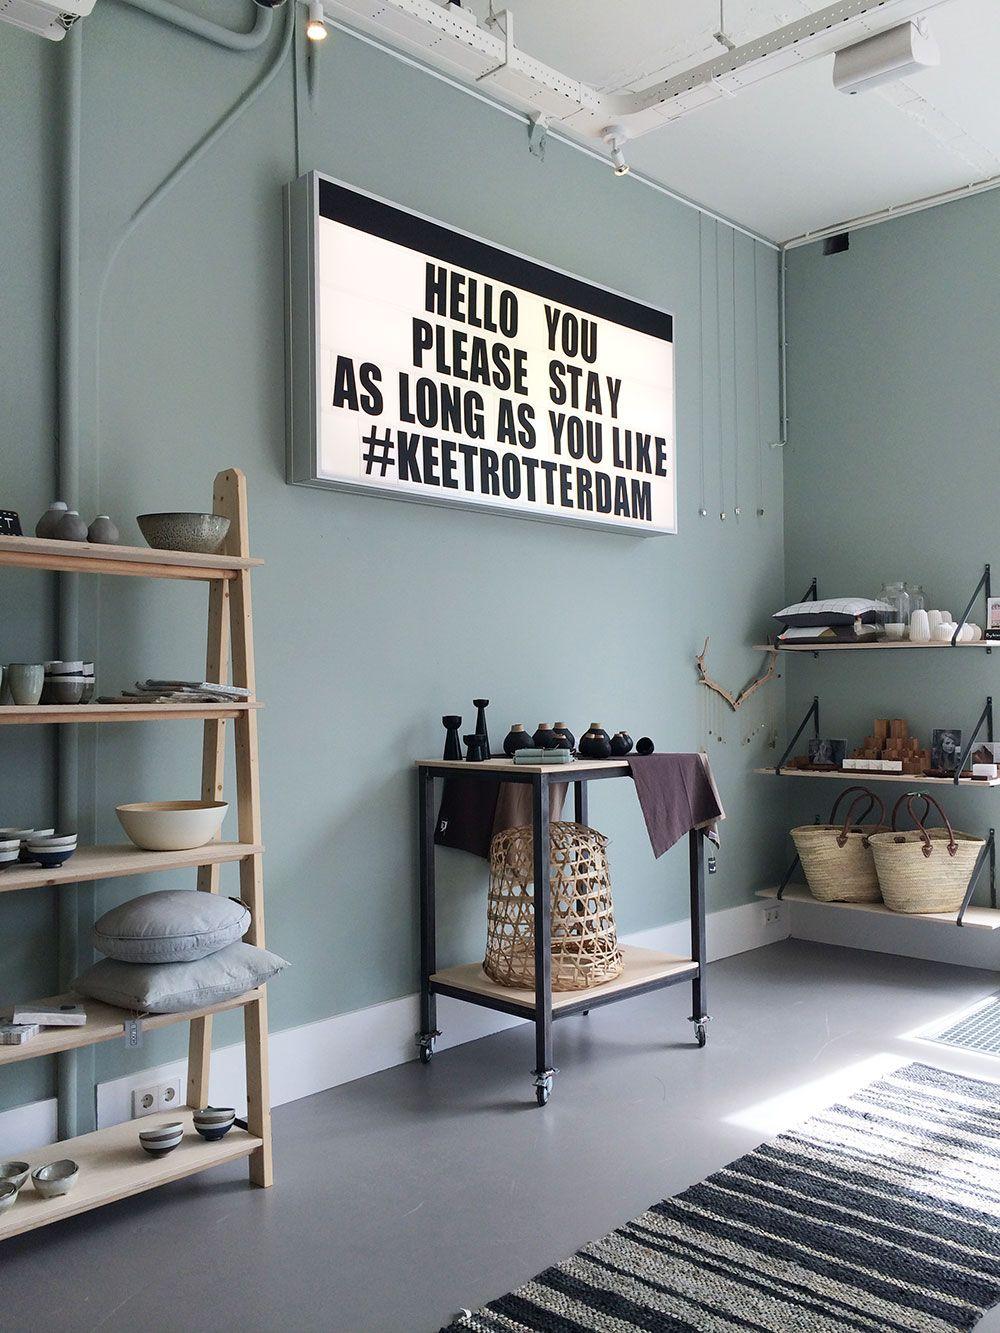 Hotspot keet rotterdam photography by johan hazenbroek label1114 interior shopretail interiorcolor